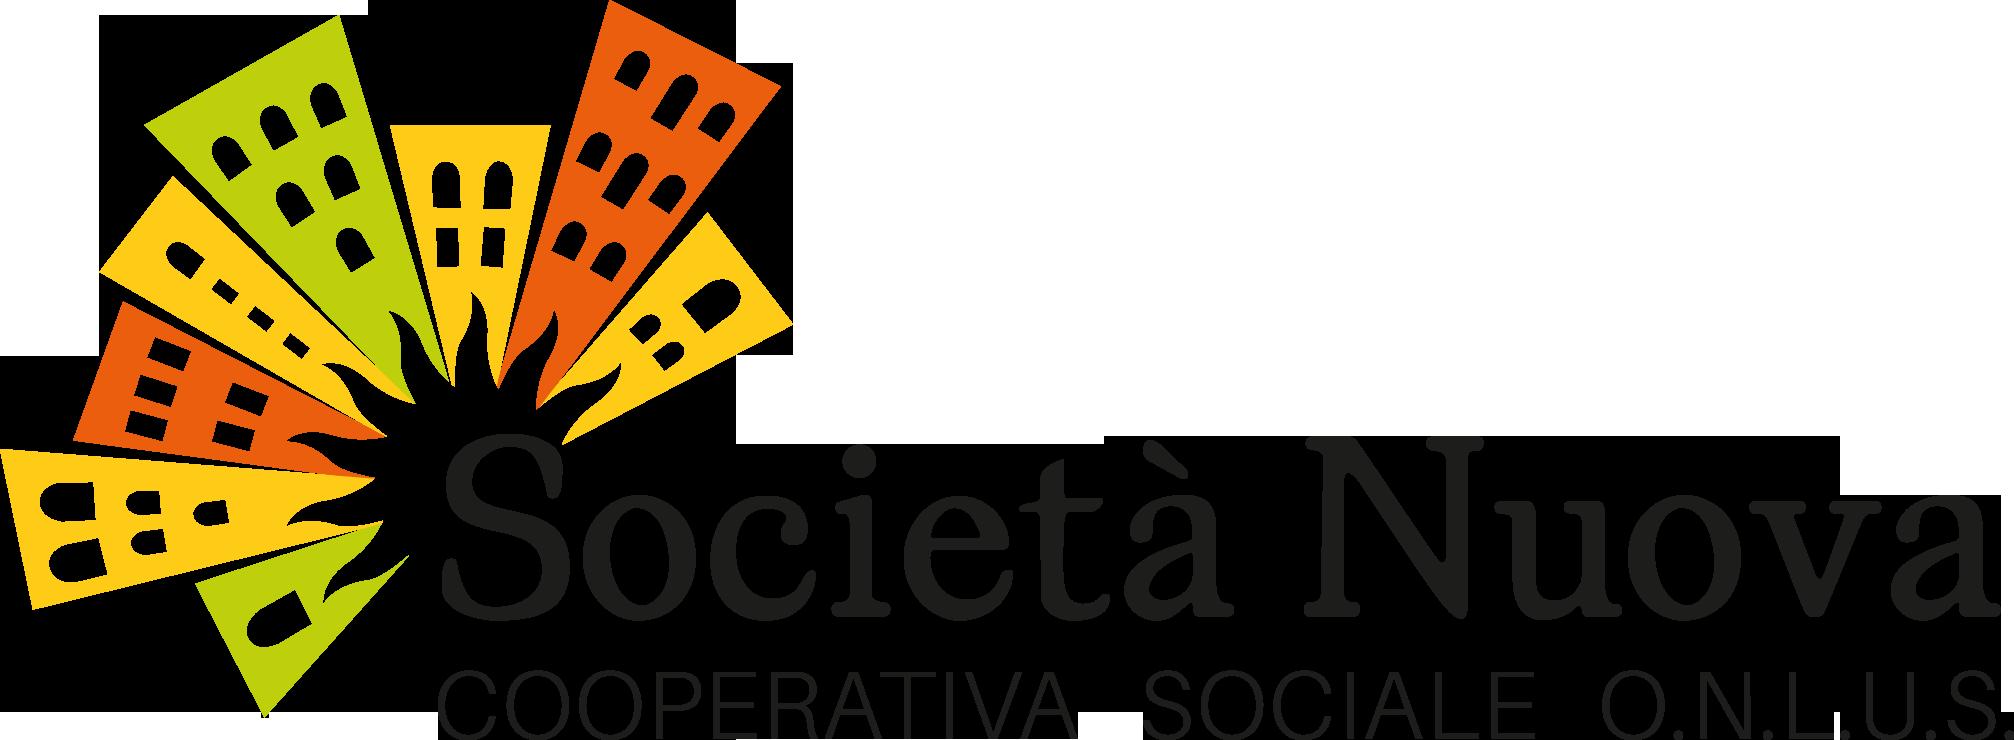 Società Nuova - Cooperativa Sociale